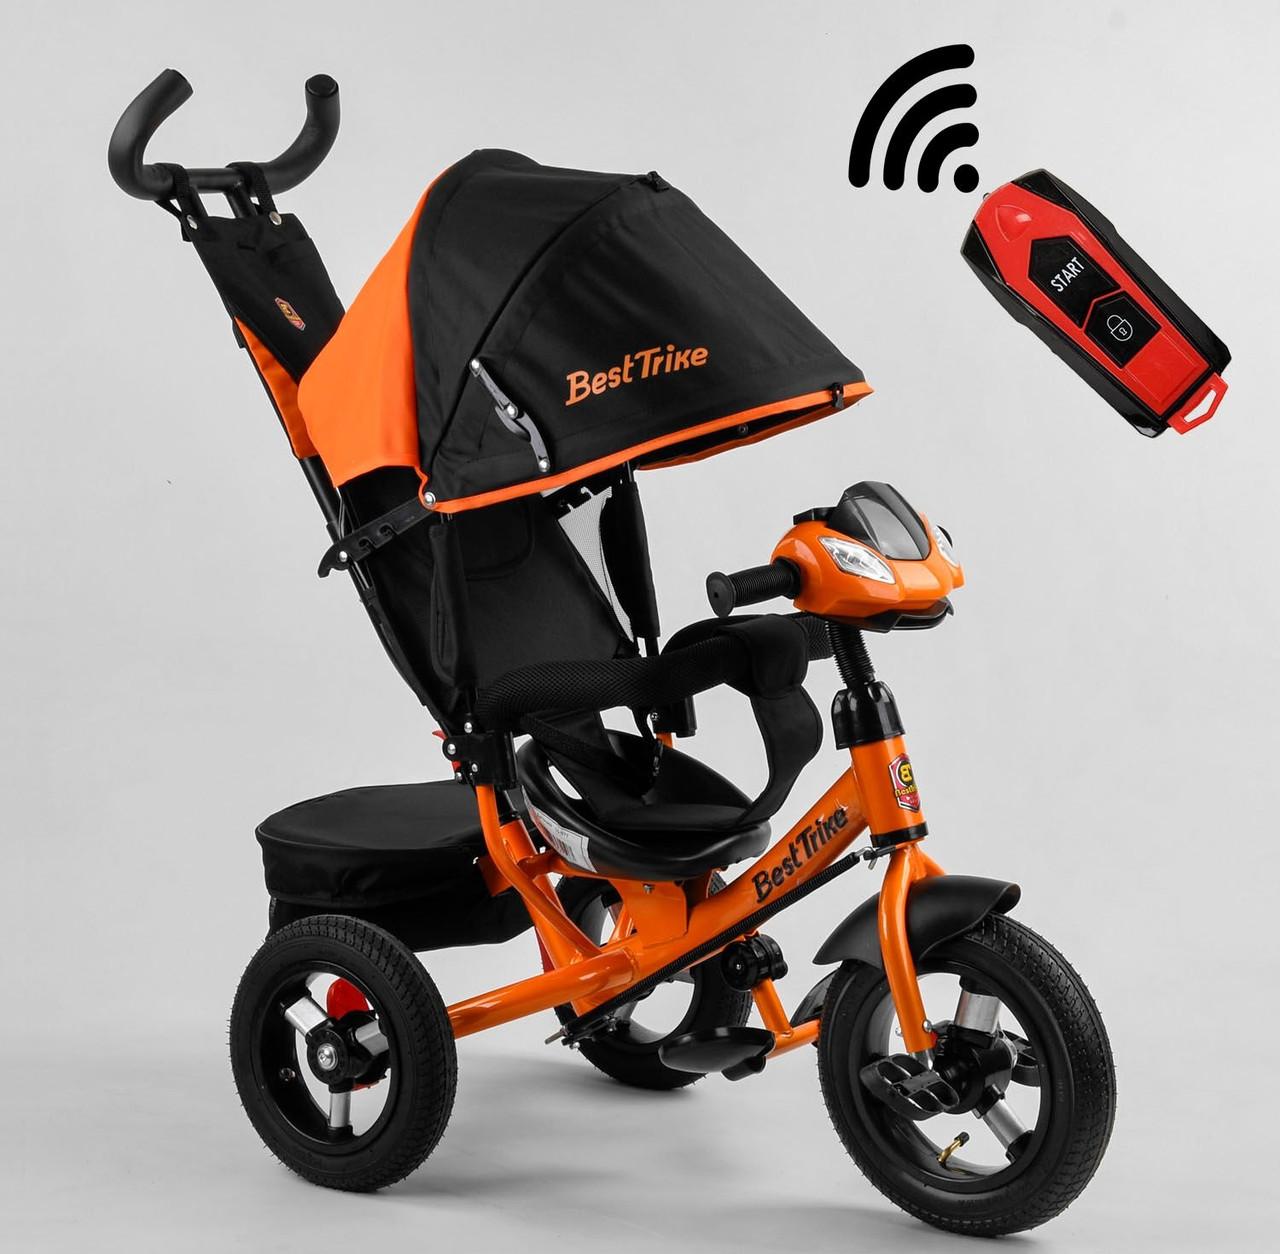 Трехколесный велосипед для детей с регулировкой спинки и музыкальной панелью 3390/15-977 Best Trike, оранжевый